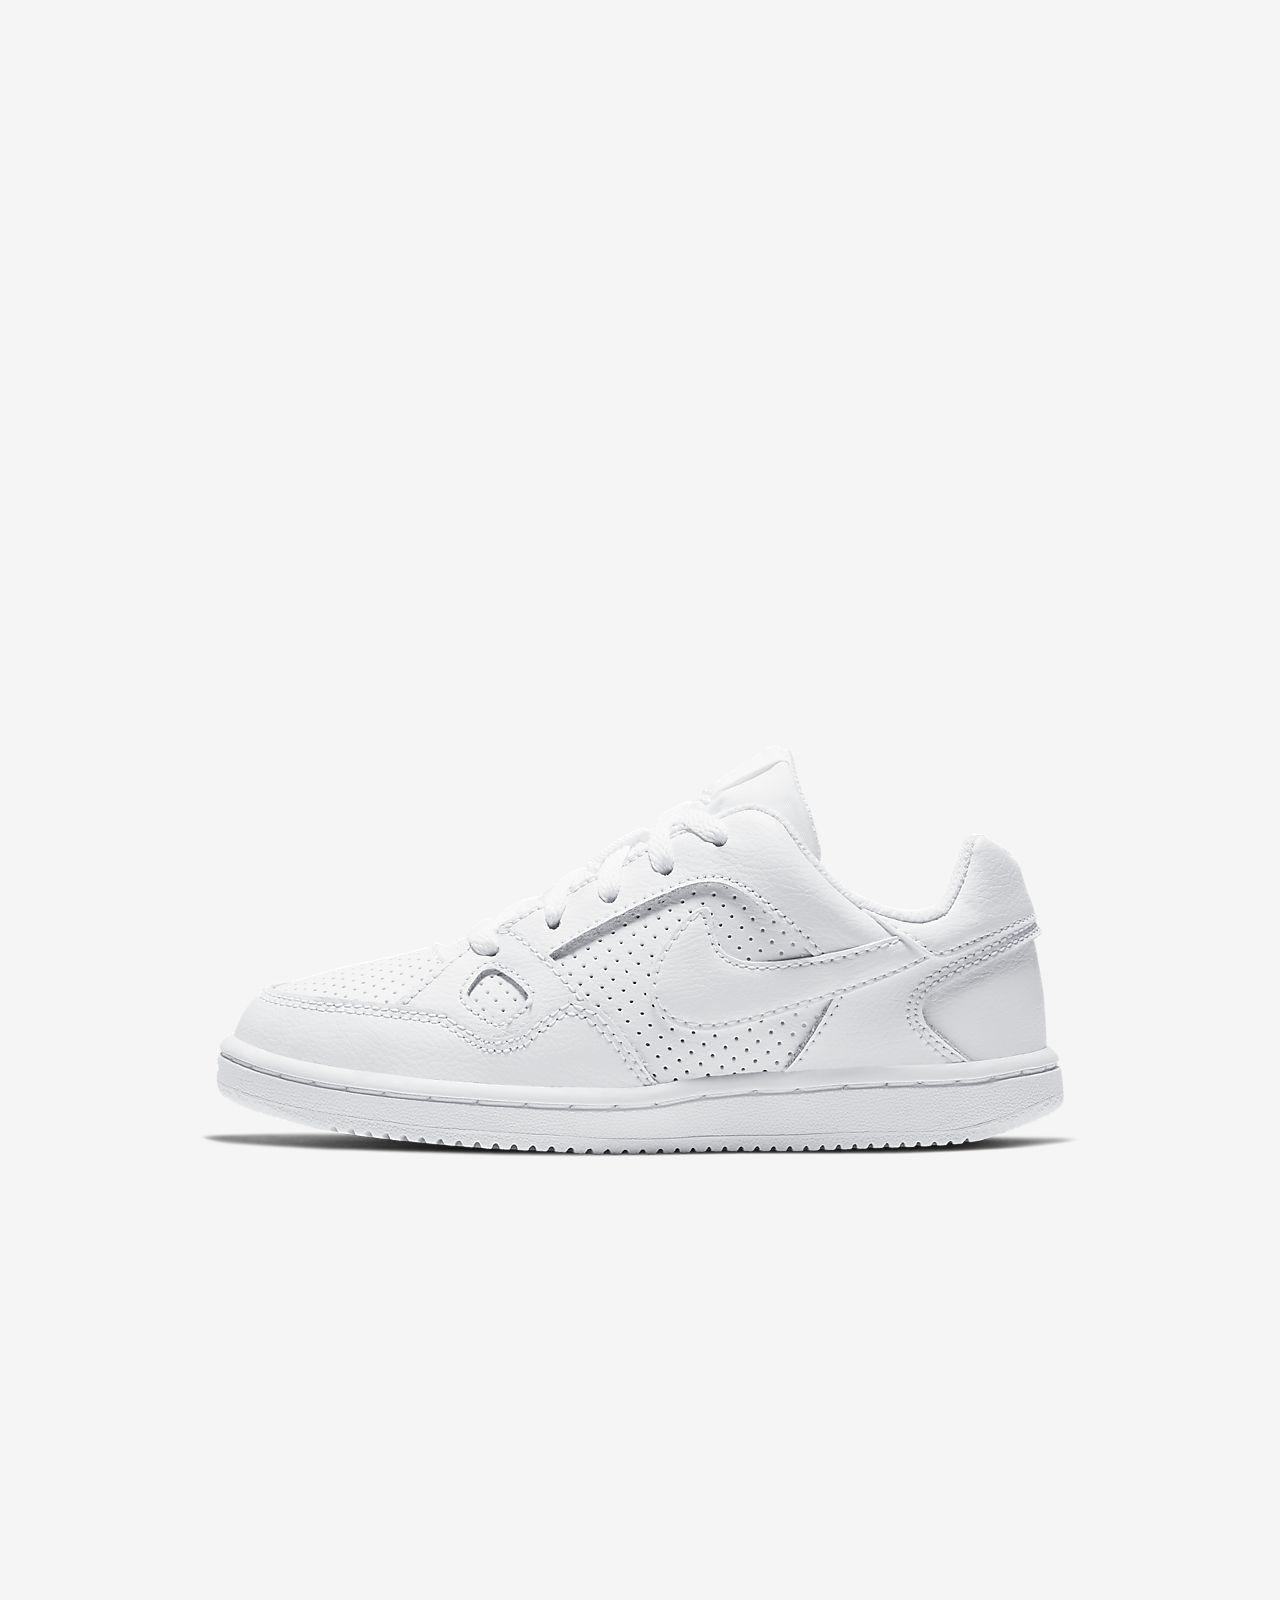 Calzado para niños talla pequeña Nike Son of Force